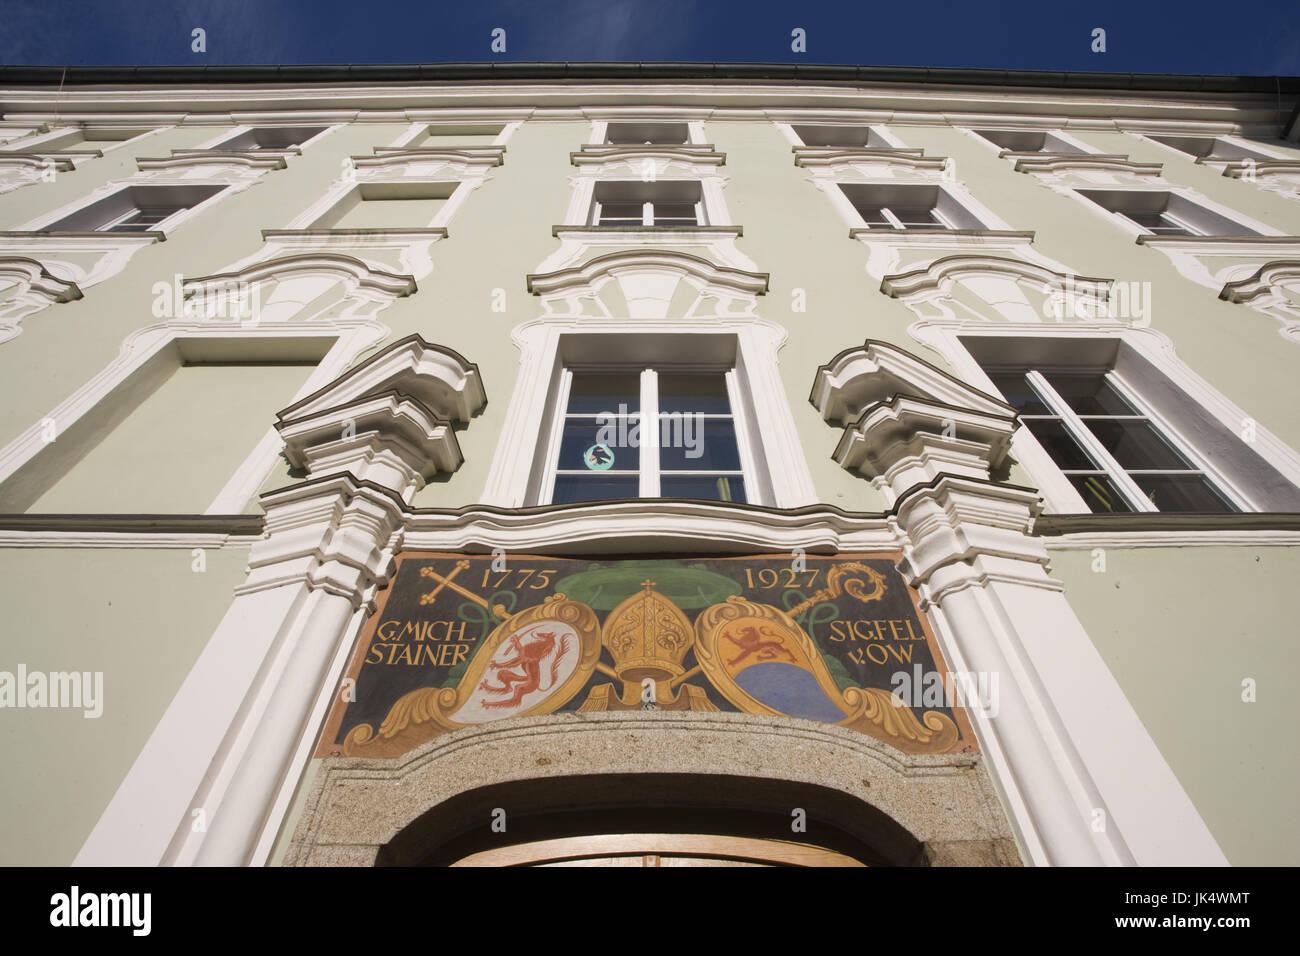 Deutschland, Bayern, Passau, Domplatz, Domplatz, Stockbild